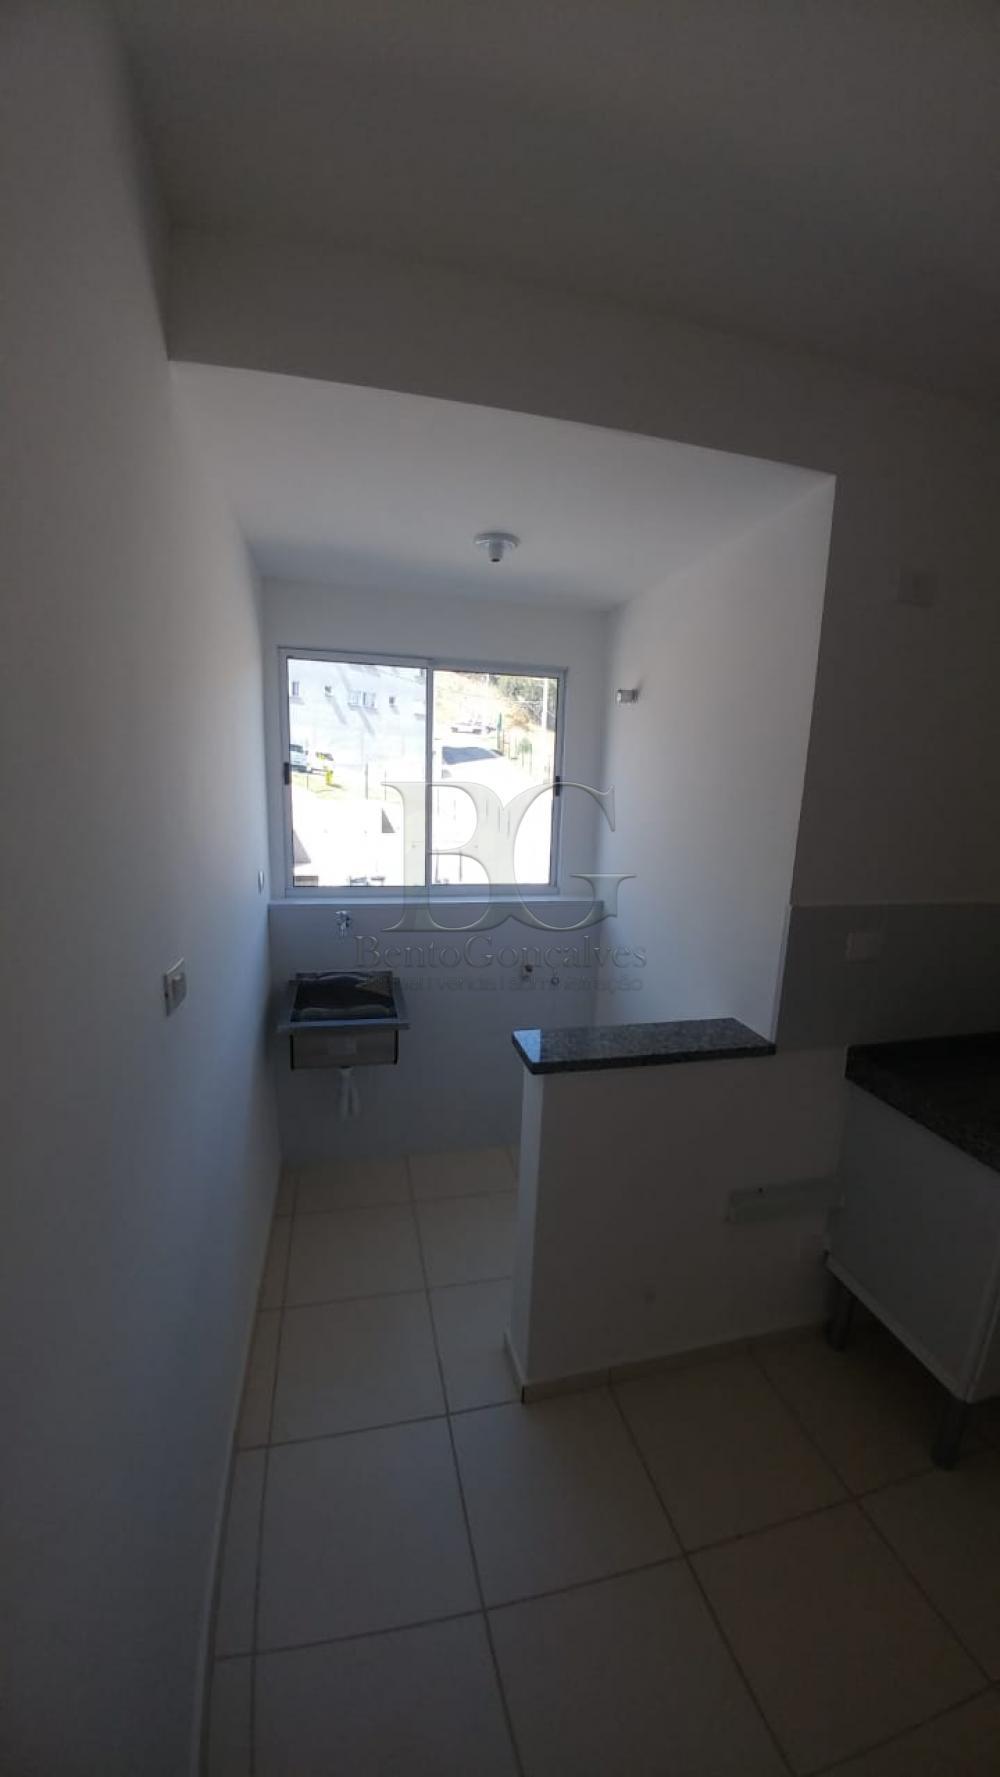 Comprar Apartamentos / Padrão em Poços de Caldas apenas R$ 159.900,00 - Foto 9